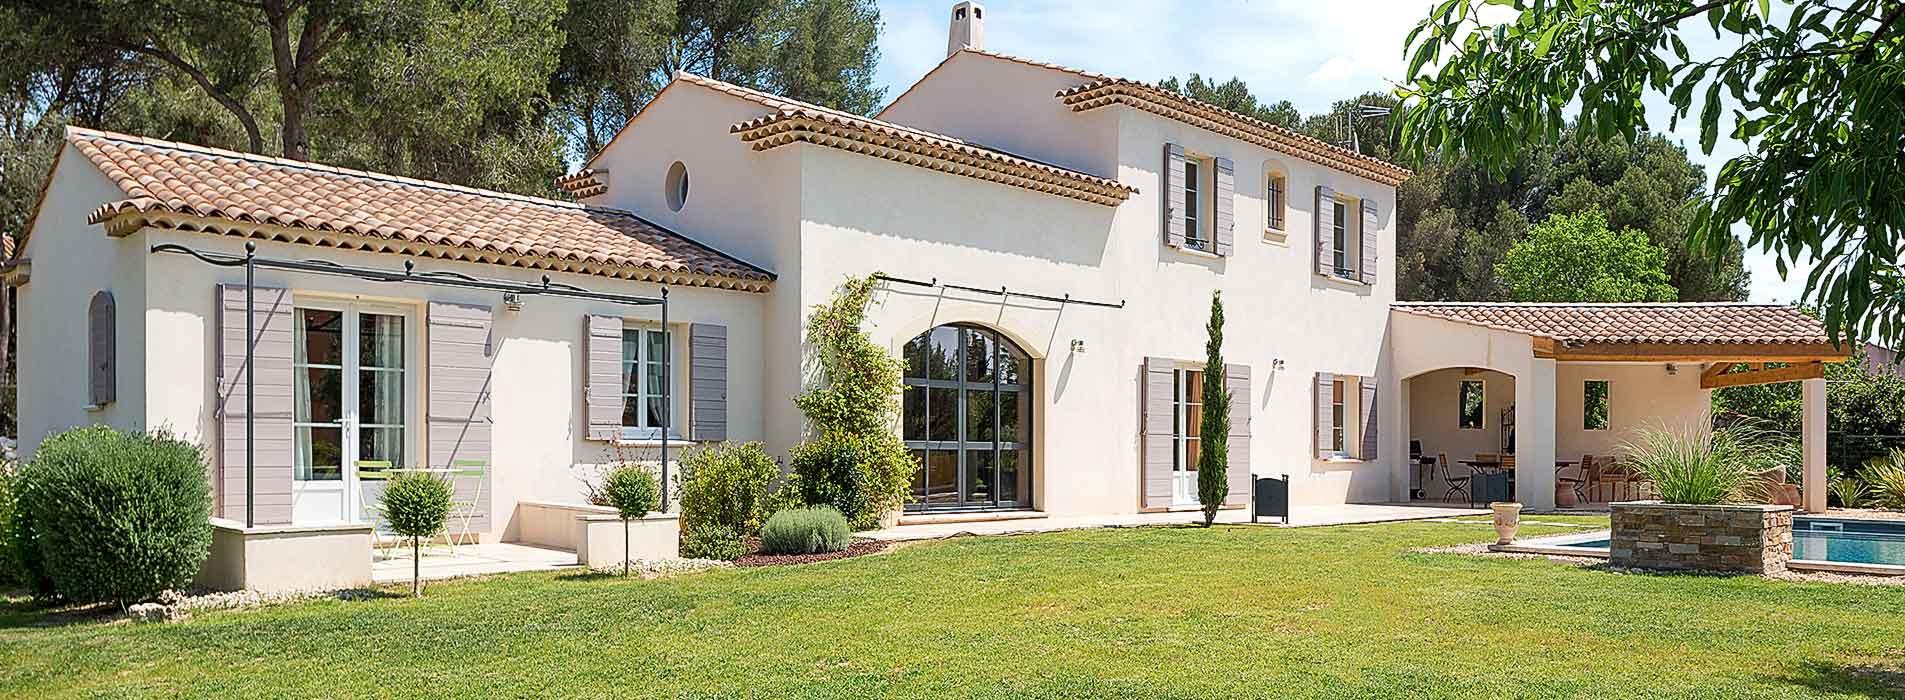 05-constructeur-villa-provencale